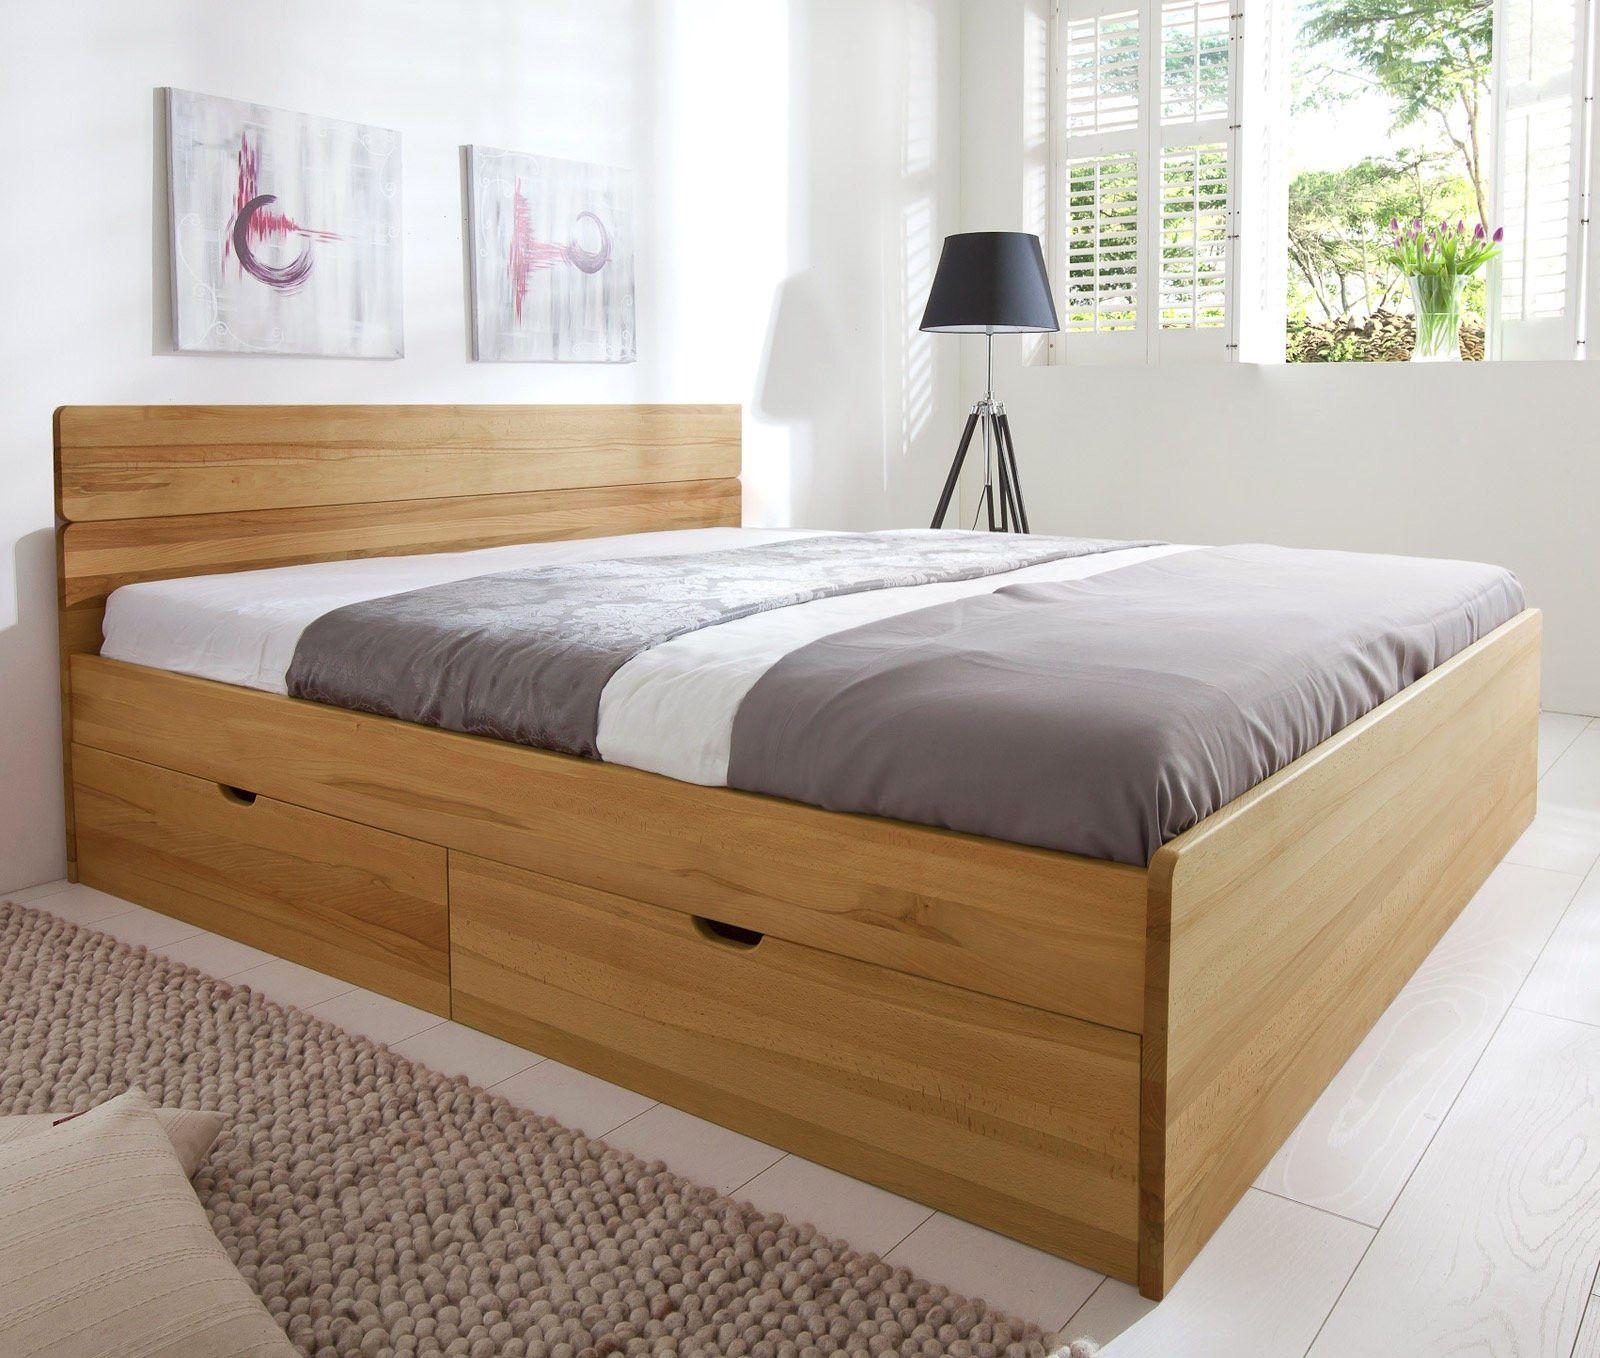 Bett 120 200 Holz Fresh Bett 120 200 Holz Deutsche Dekor 2018